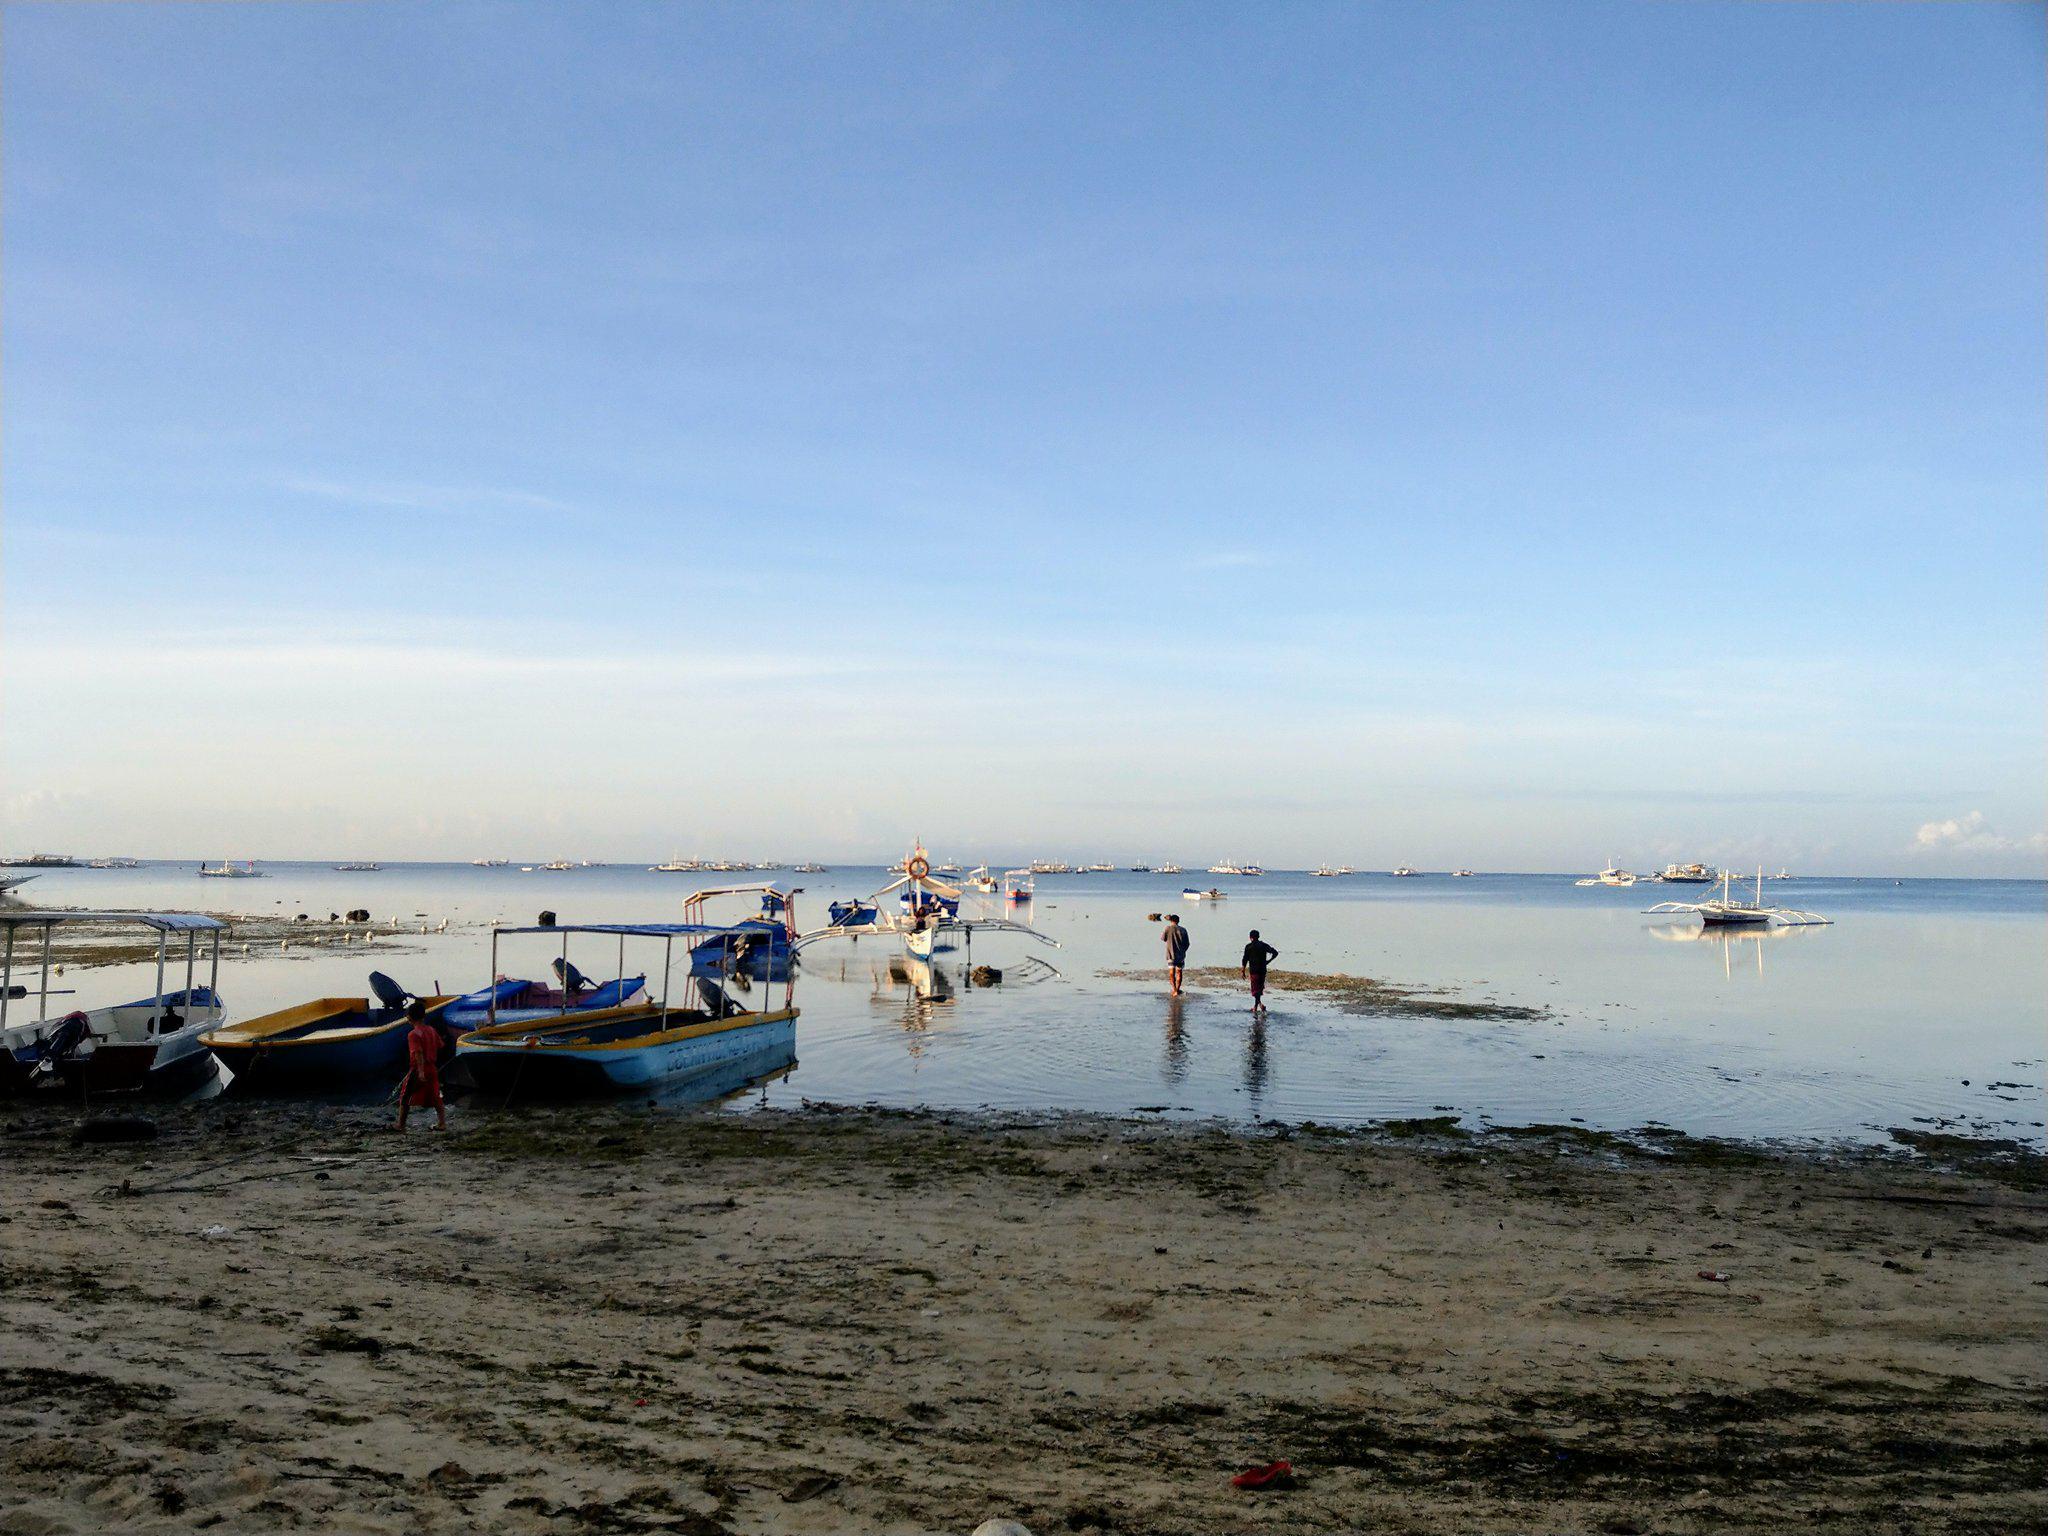 小船接駁大船前往鯨鯊行程|圖片來源:Vanessa